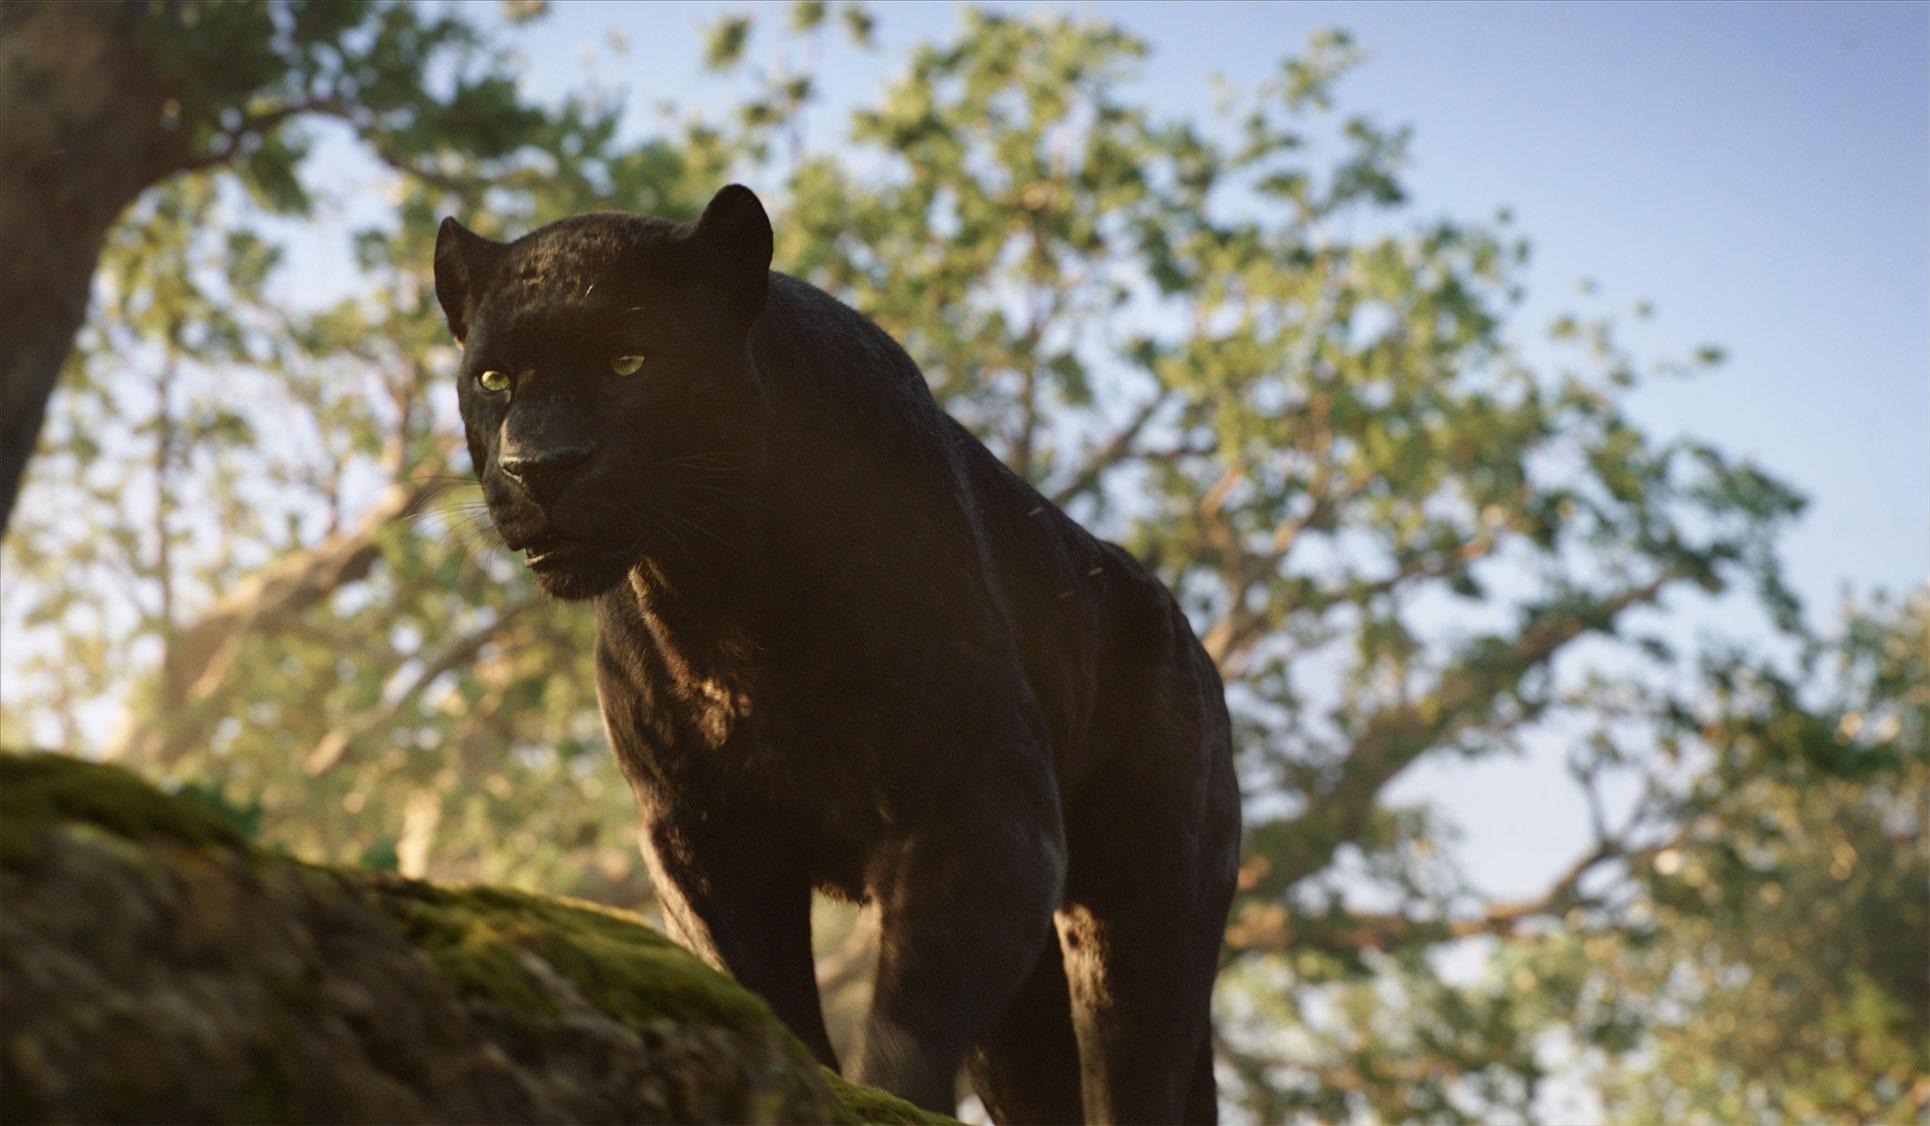 Jungle Book vs Mowgli bagheera_junglebook_